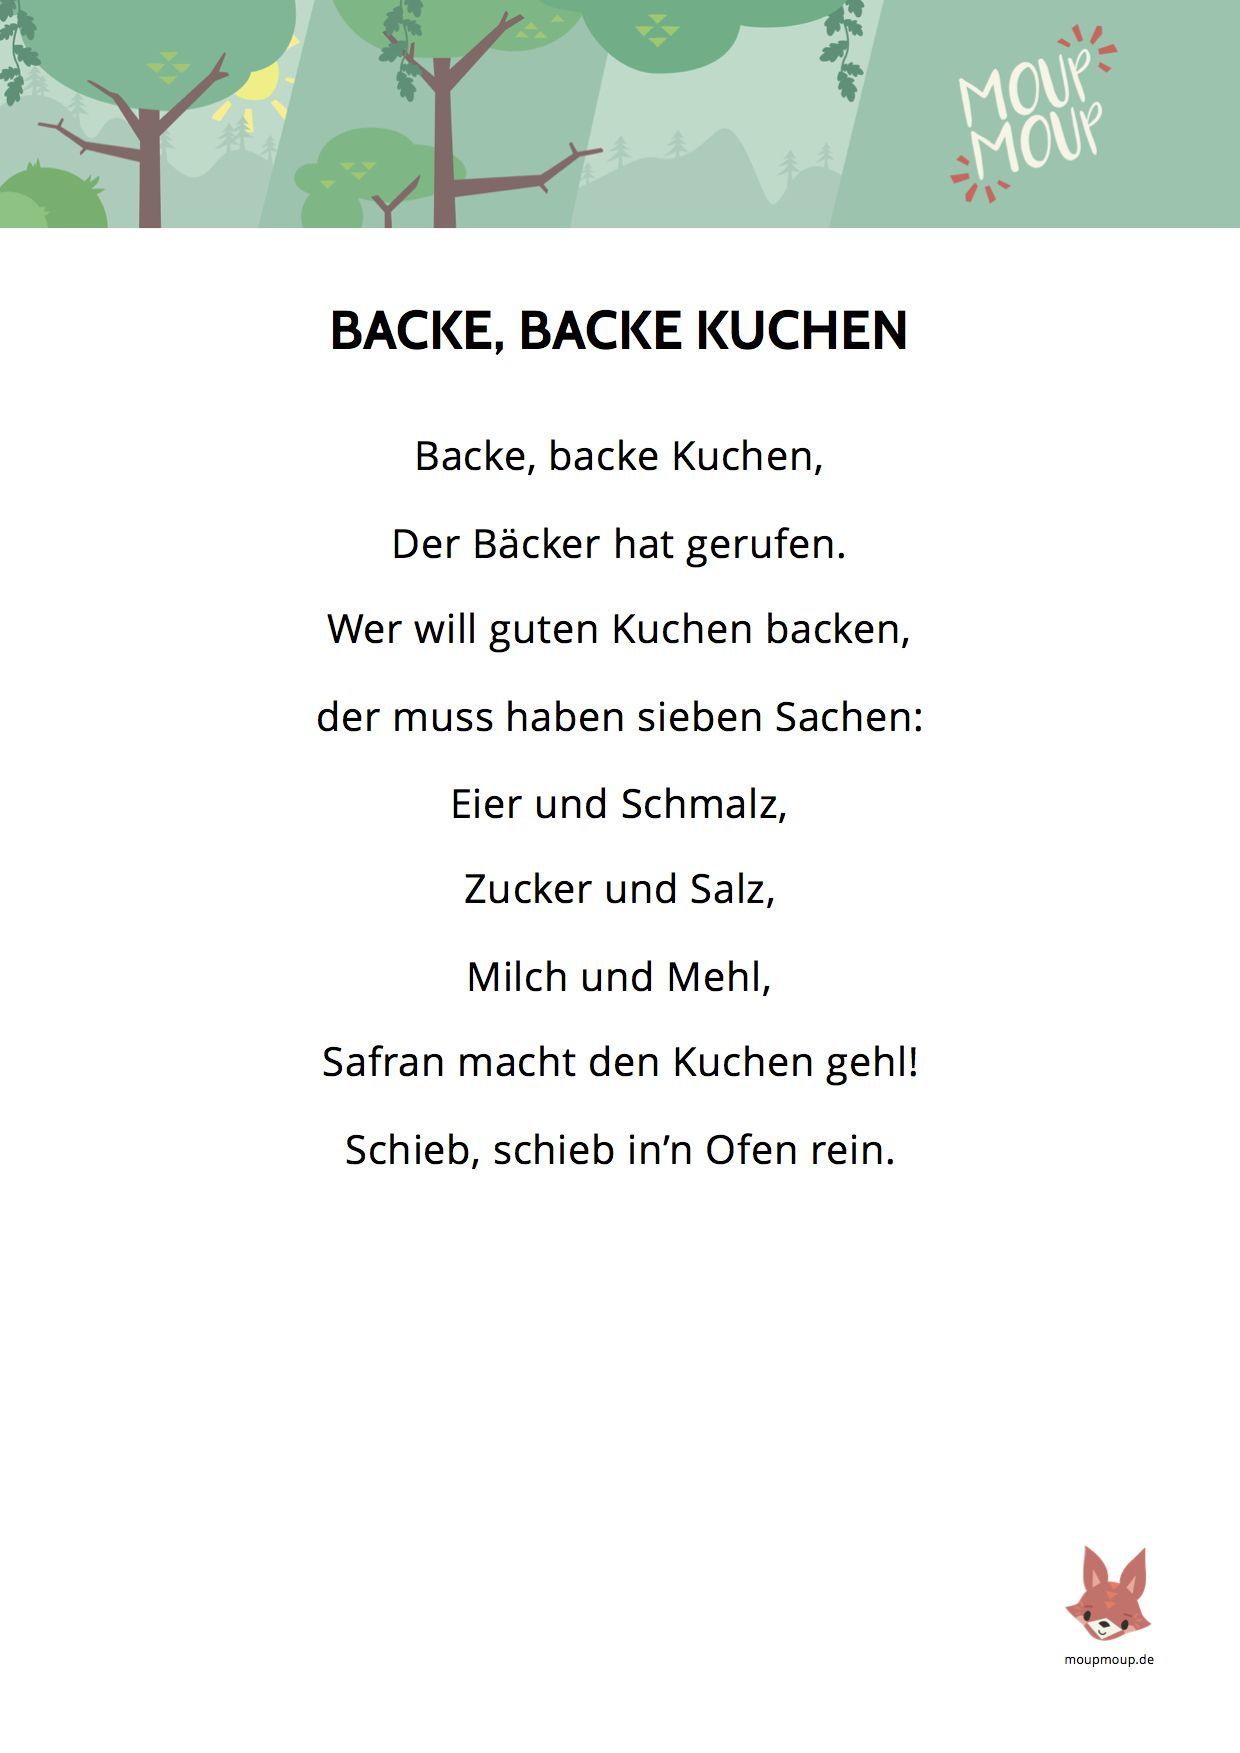 Backe Backe Kuchen Lied Liedtext Moupmoup Kinderlieder Kinder Lied Kinderlieder Kindergarten Lieder